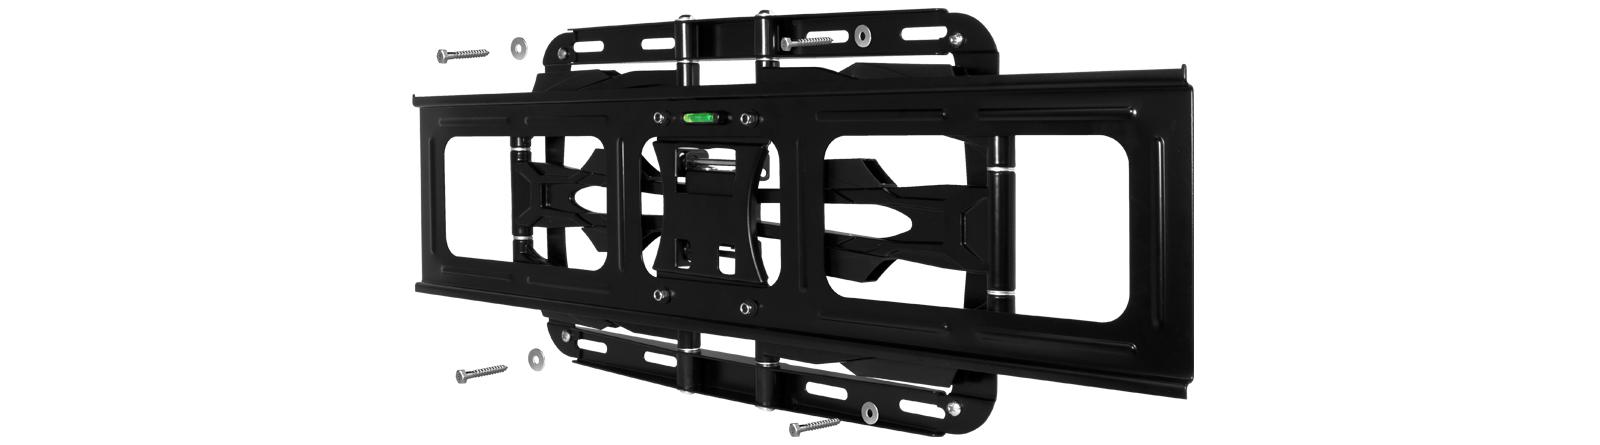 Vollbewegliche XL TV-Wandhalterung zur einfachen Montage: ARCTIC TV Flex L